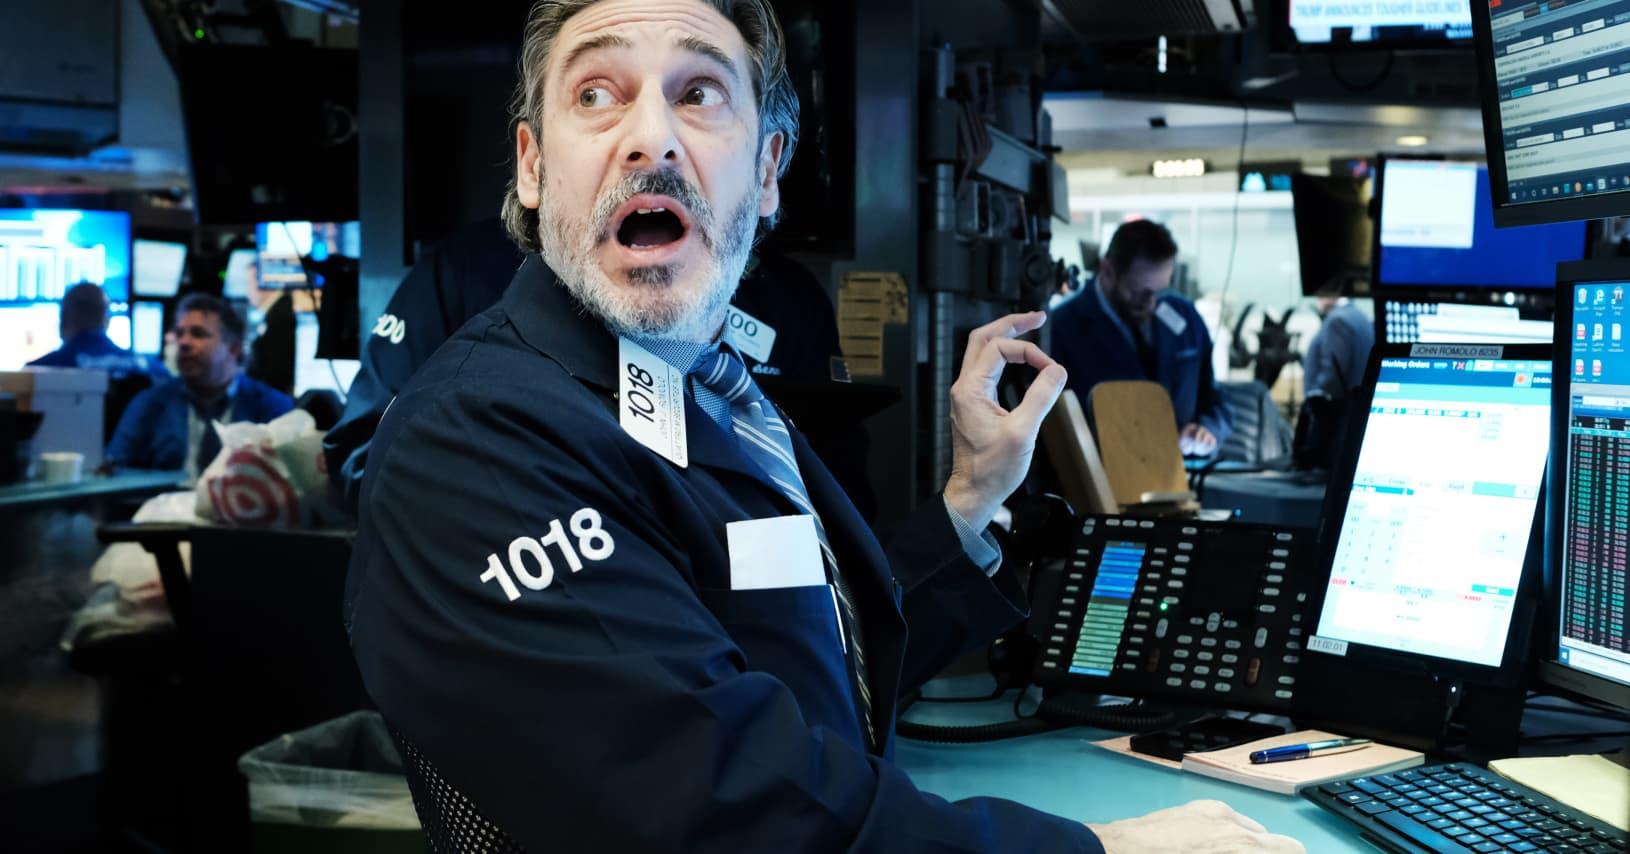 Dow Jones cắm đầu giảm 470 điểm, nhóm công nghệ được giải cứu khỏi hố sâu - Ảnh 1.